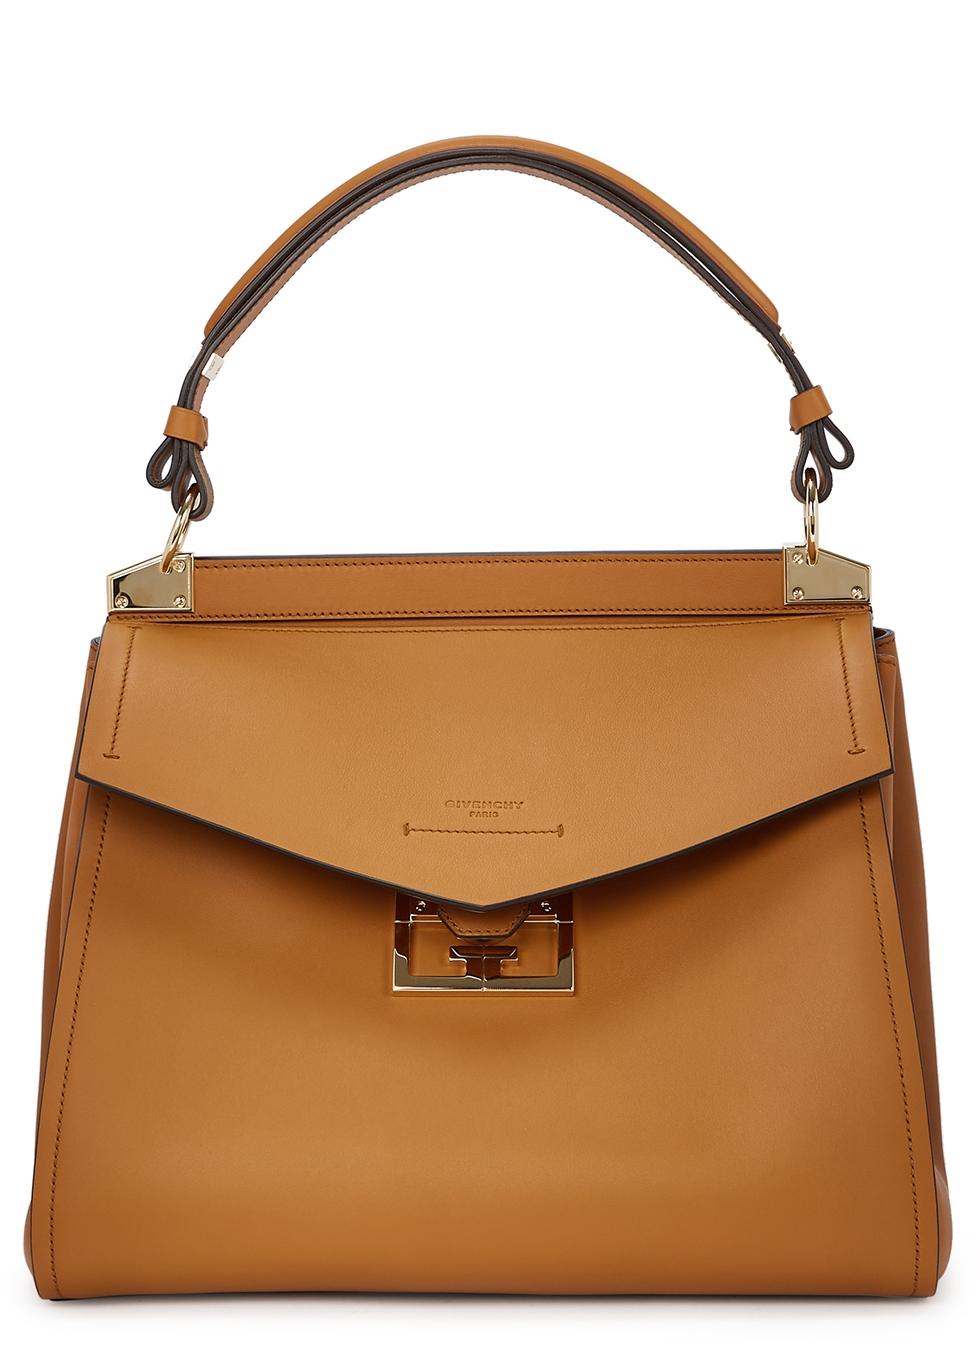 08a83214fd122c Women's Designer Bags, Handbags and Purses - Harvey Nichols